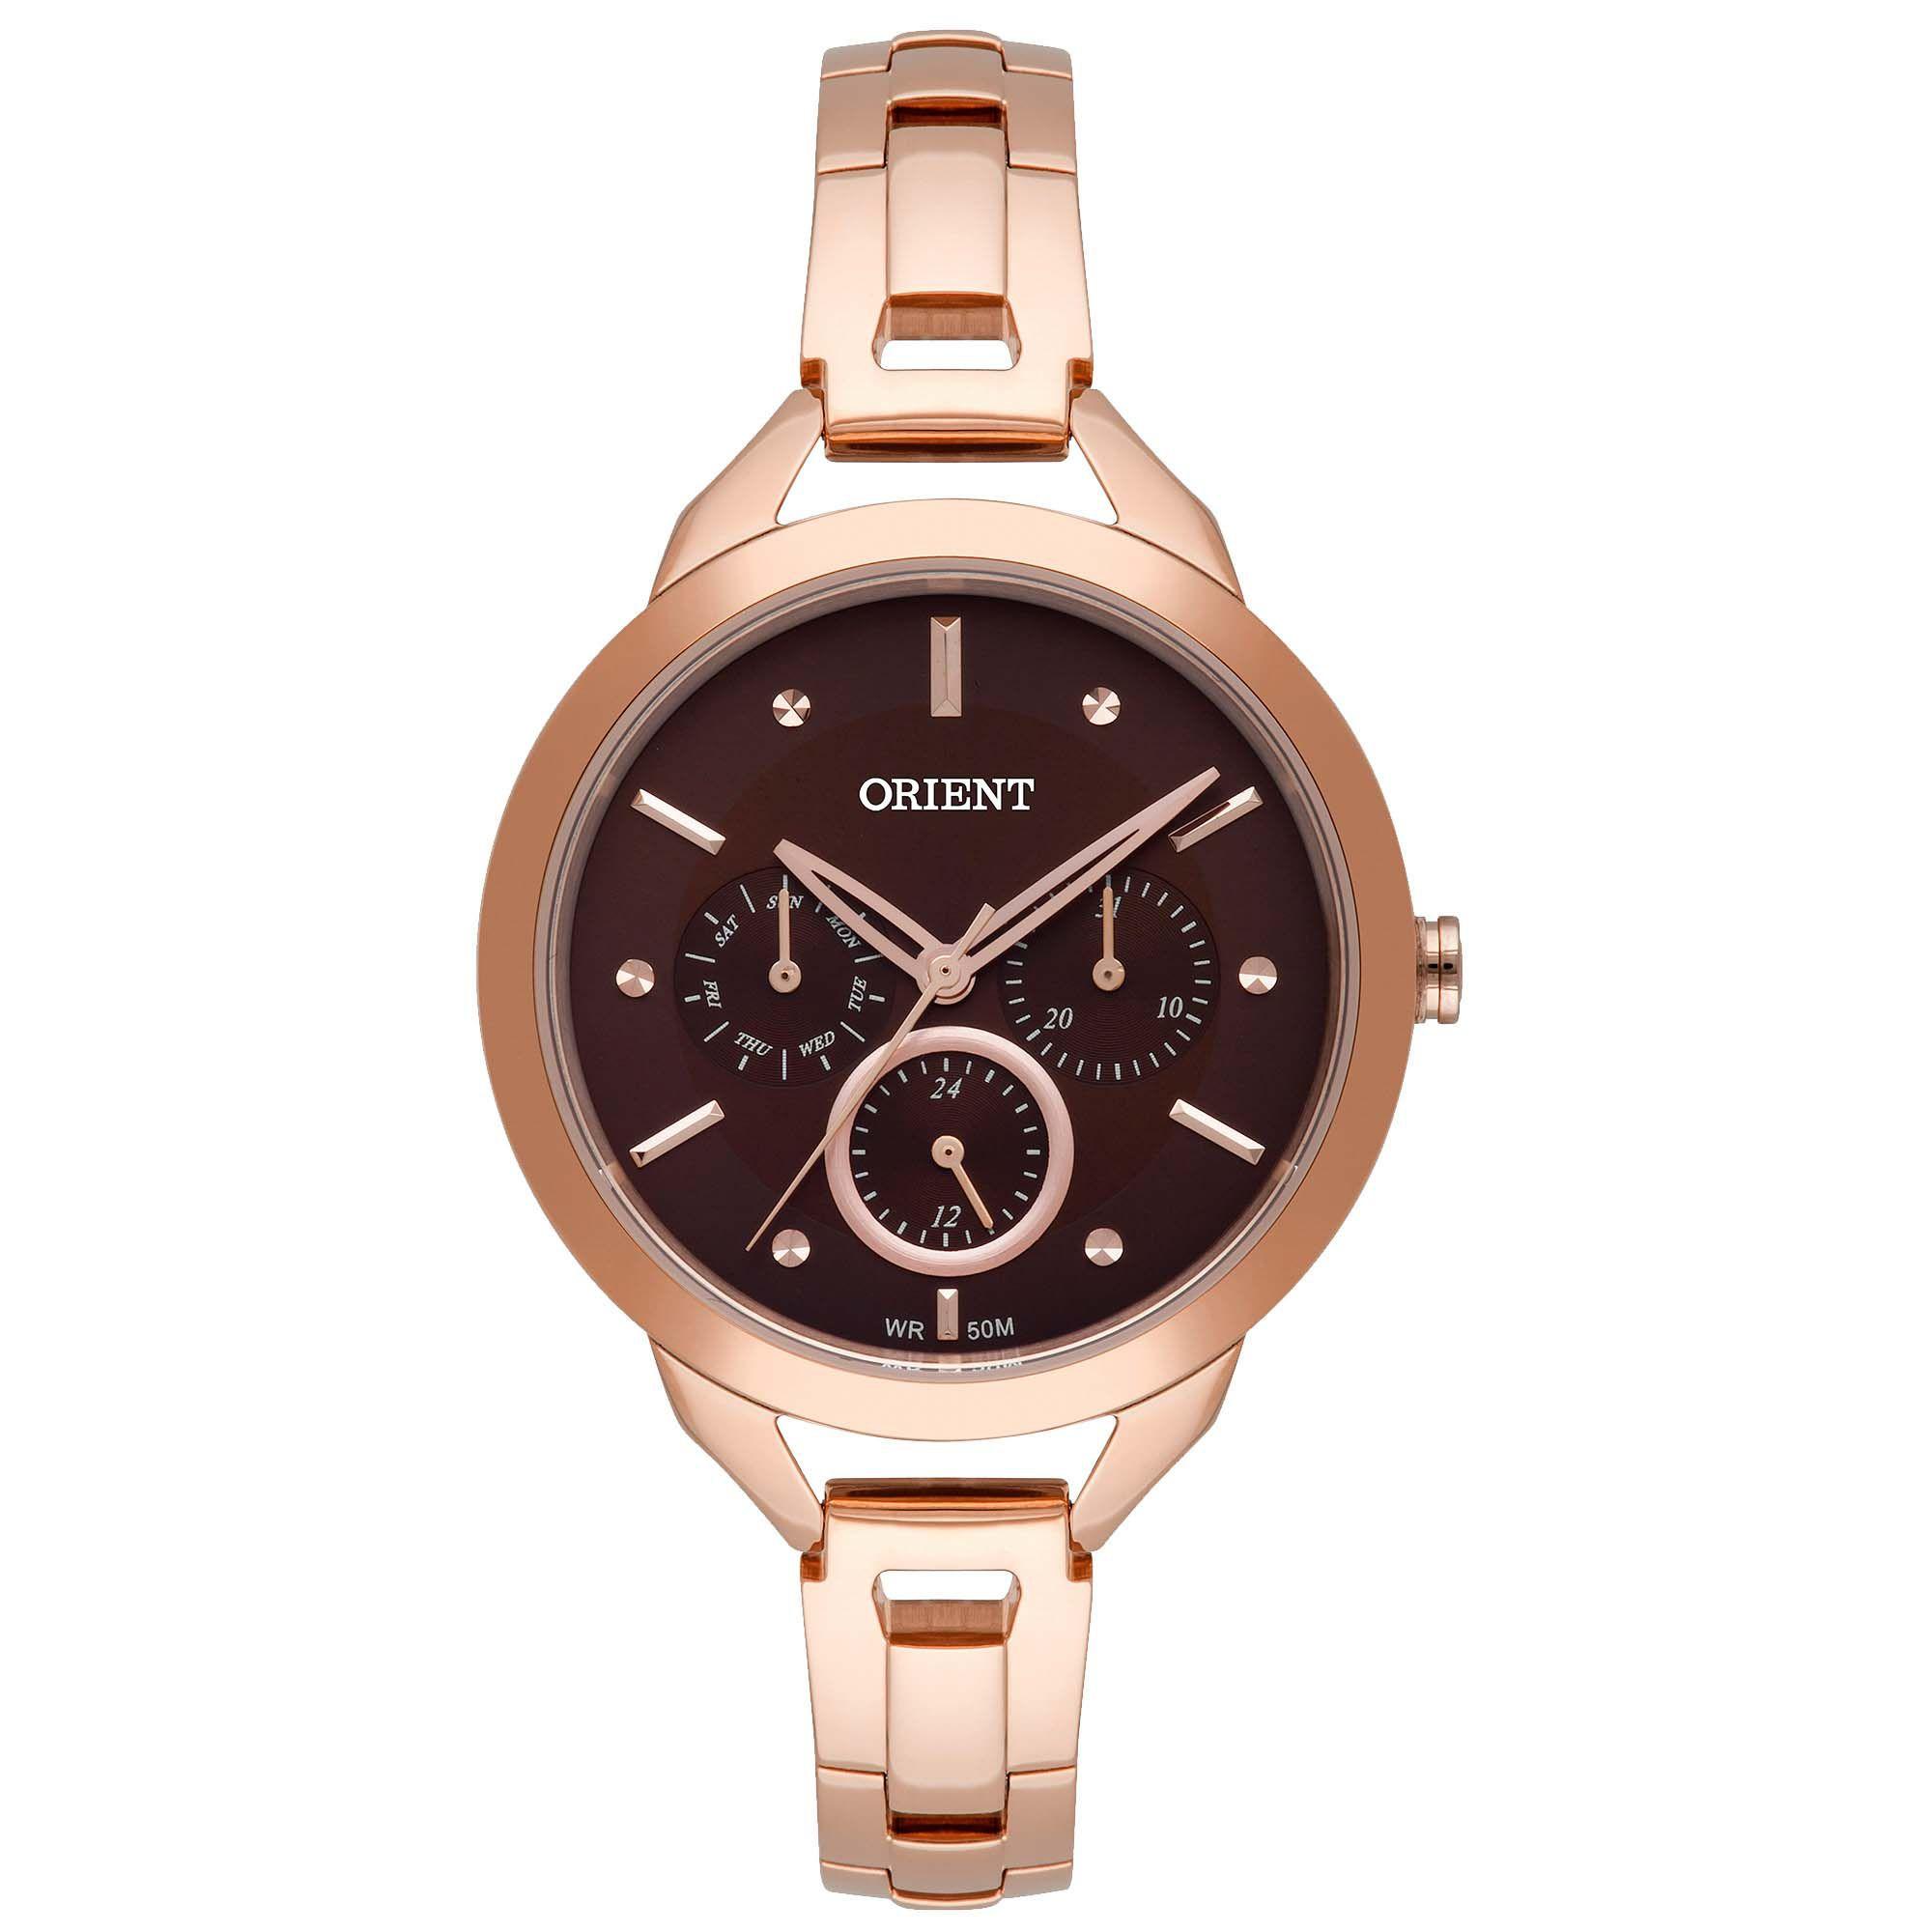 Relógio Feminino Orient FRSSM028 N1RX